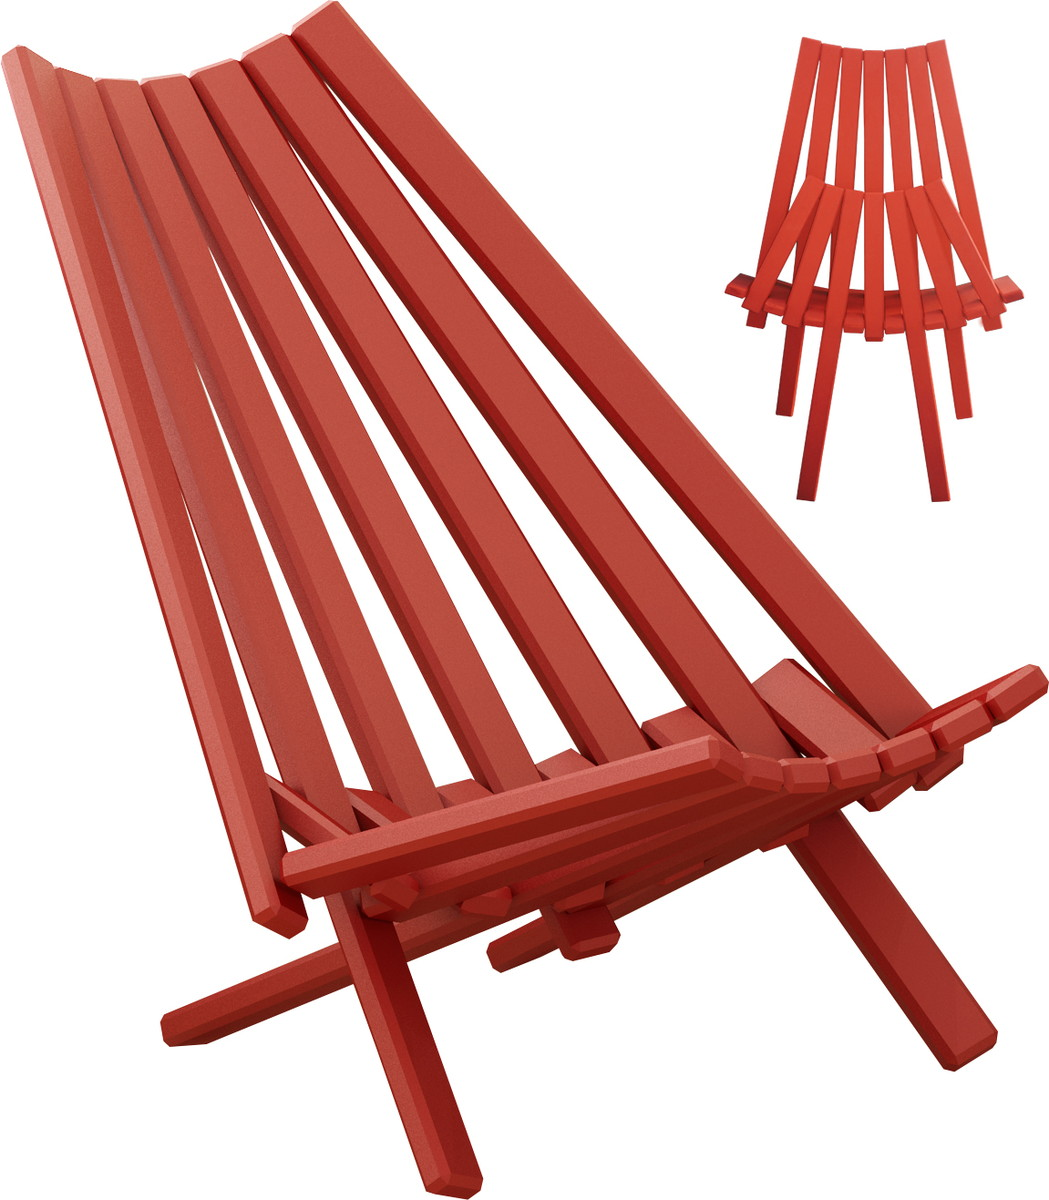 #470504  cadeira varanda dobravel ripada madeira cadeirapraia cadeira varanda 1049x1200 px cadeira de balanço para varanda @ bernauer.info Móveis Antigos Novos E Usados Online